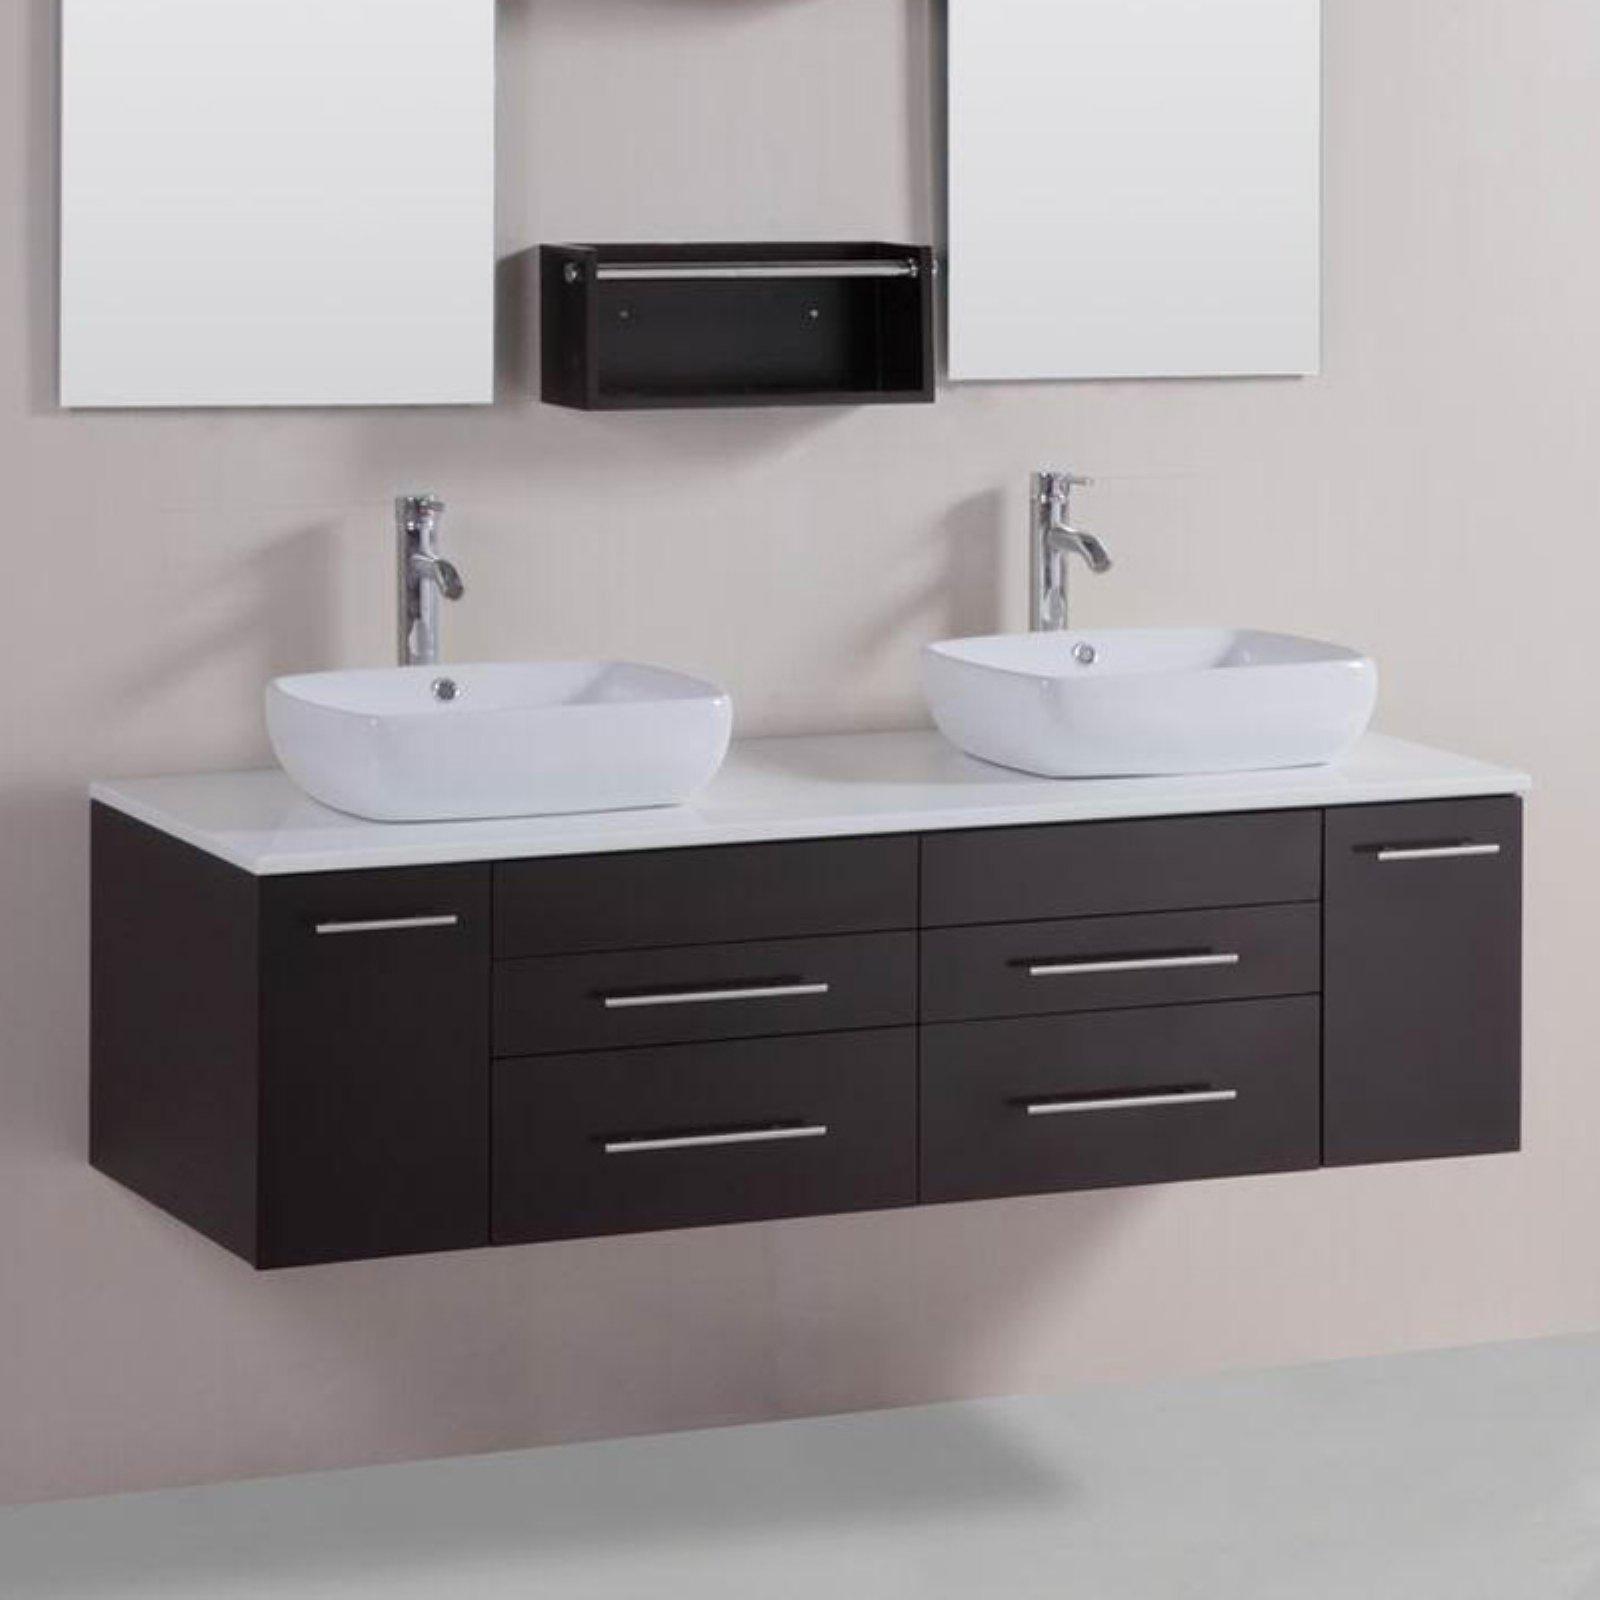 Belvedere 60 in. Modern Double Vessel Bathroom Vanity with Stone Top